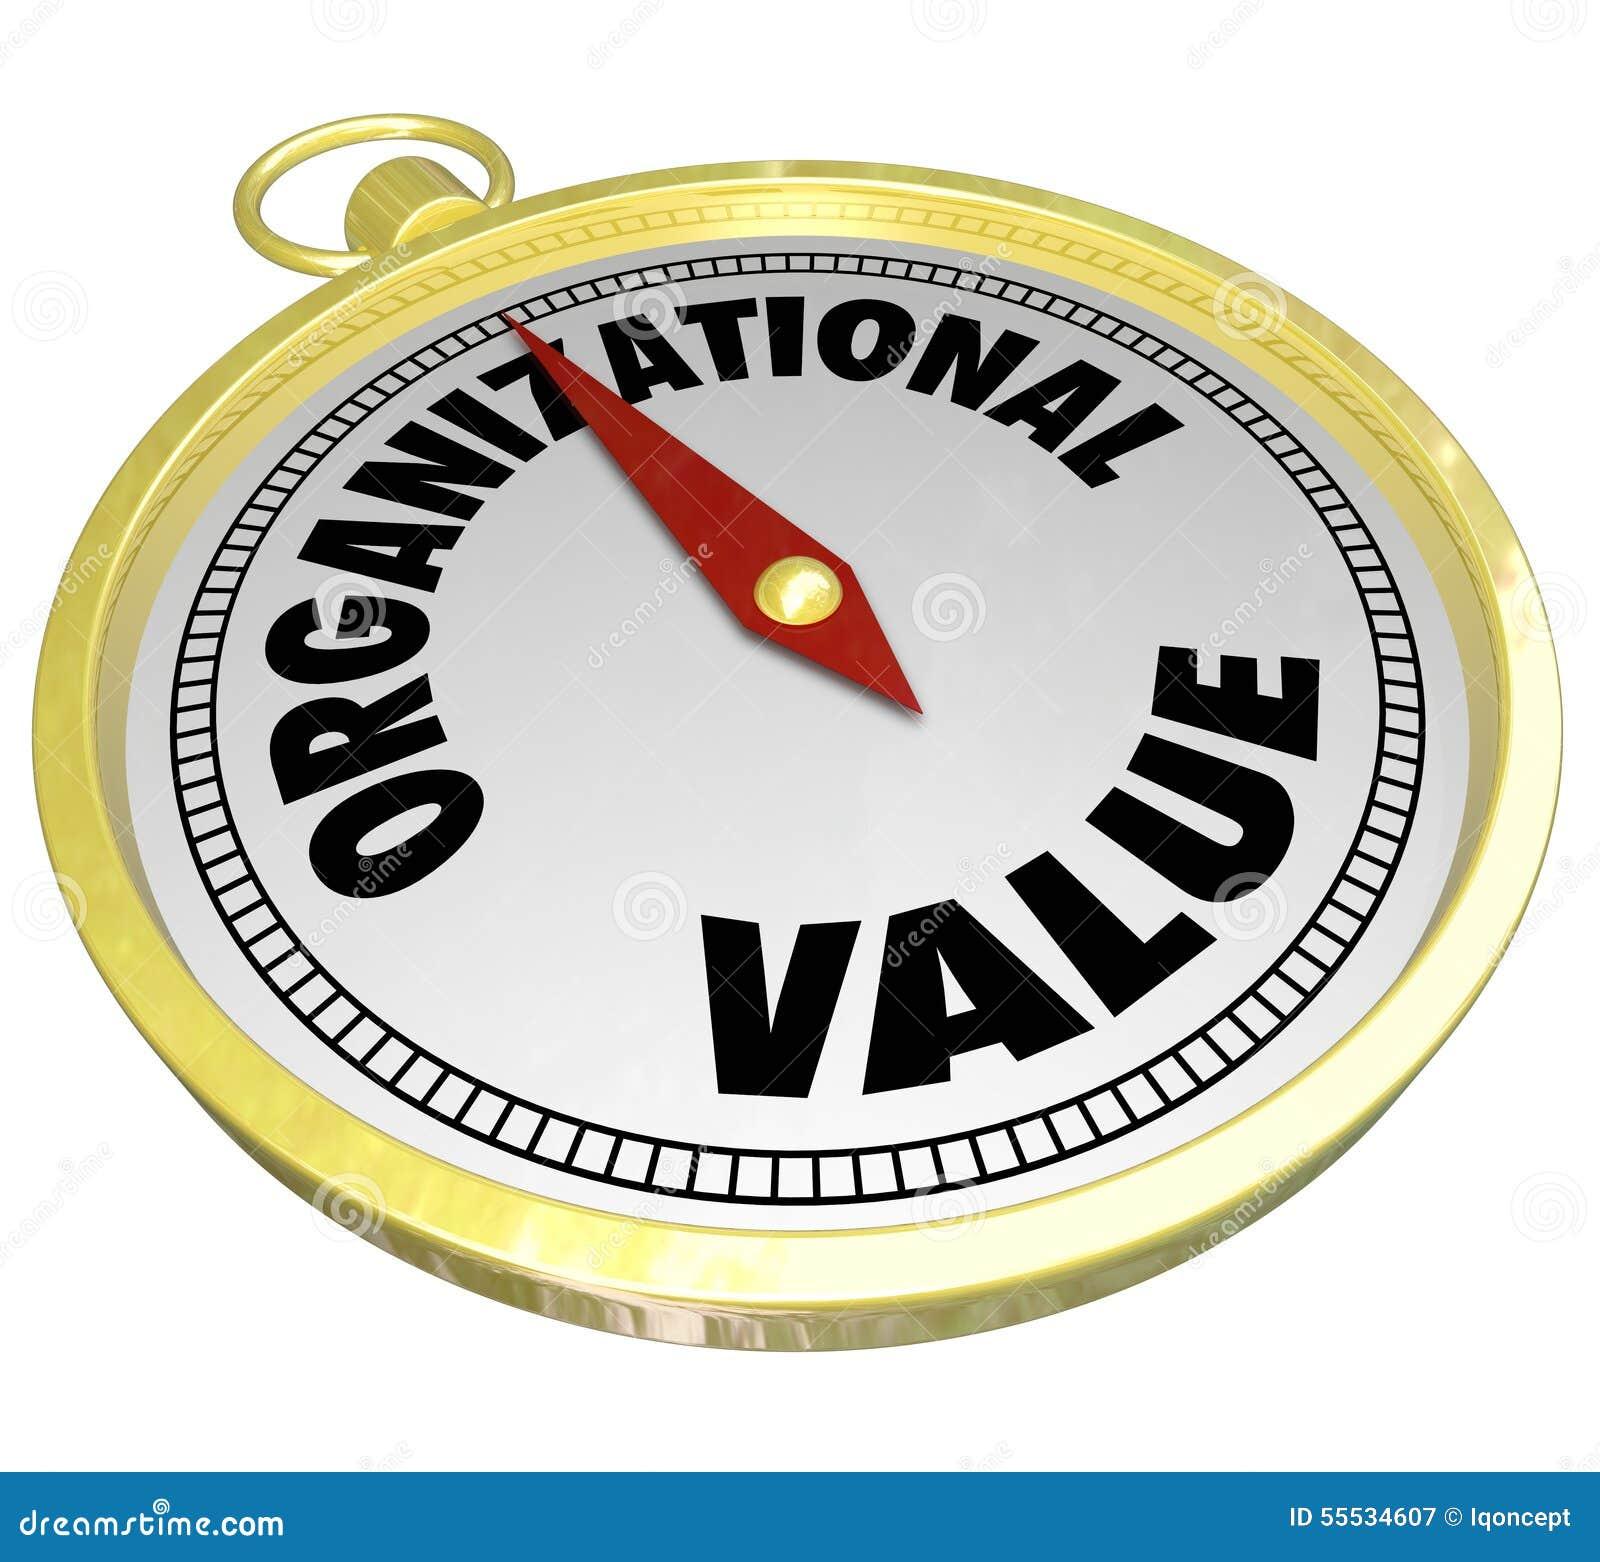 相当文化概念价值的组织价值3d金指南针指南